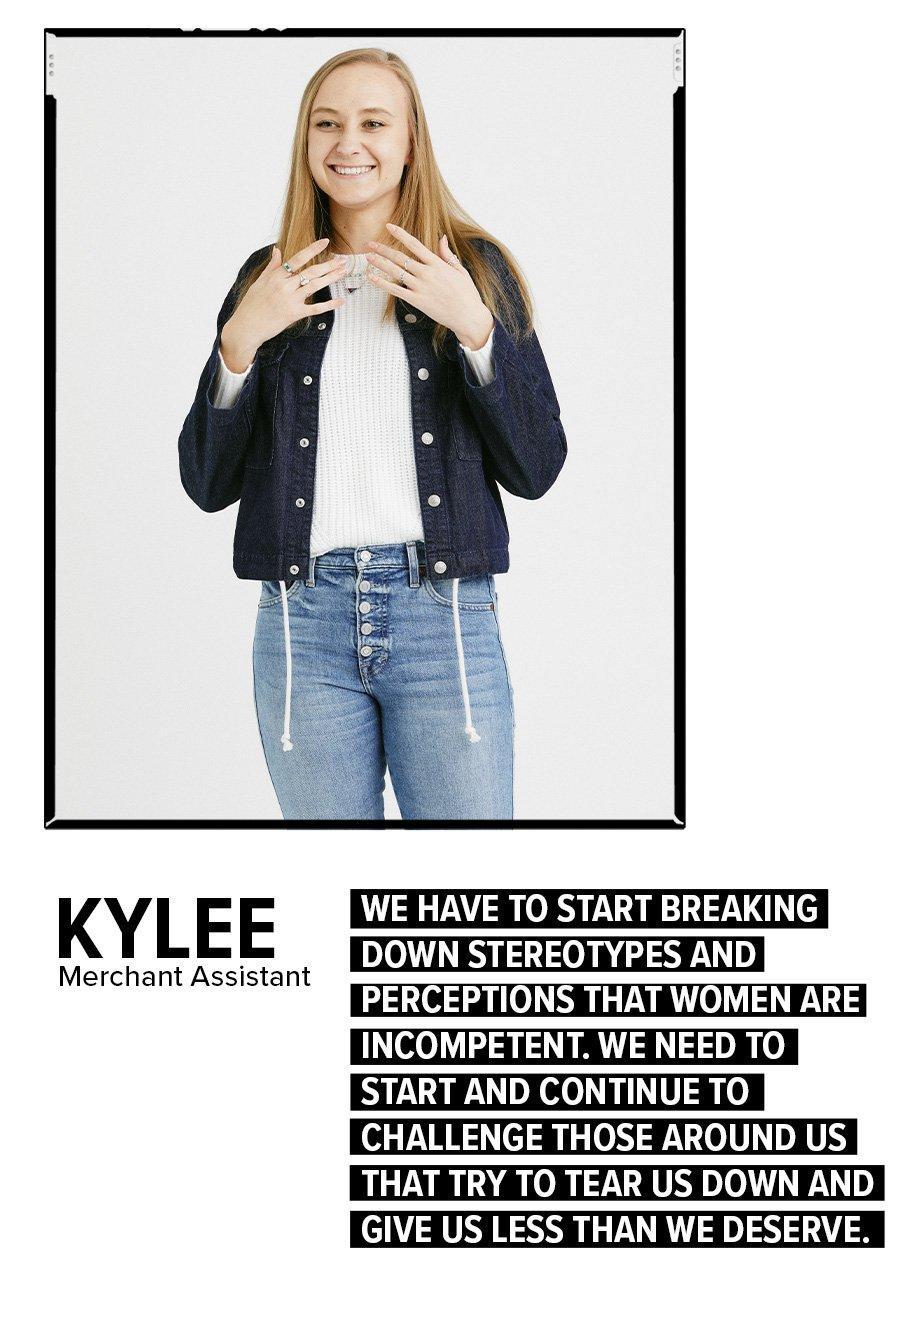 Kylee - Merchant Assistant